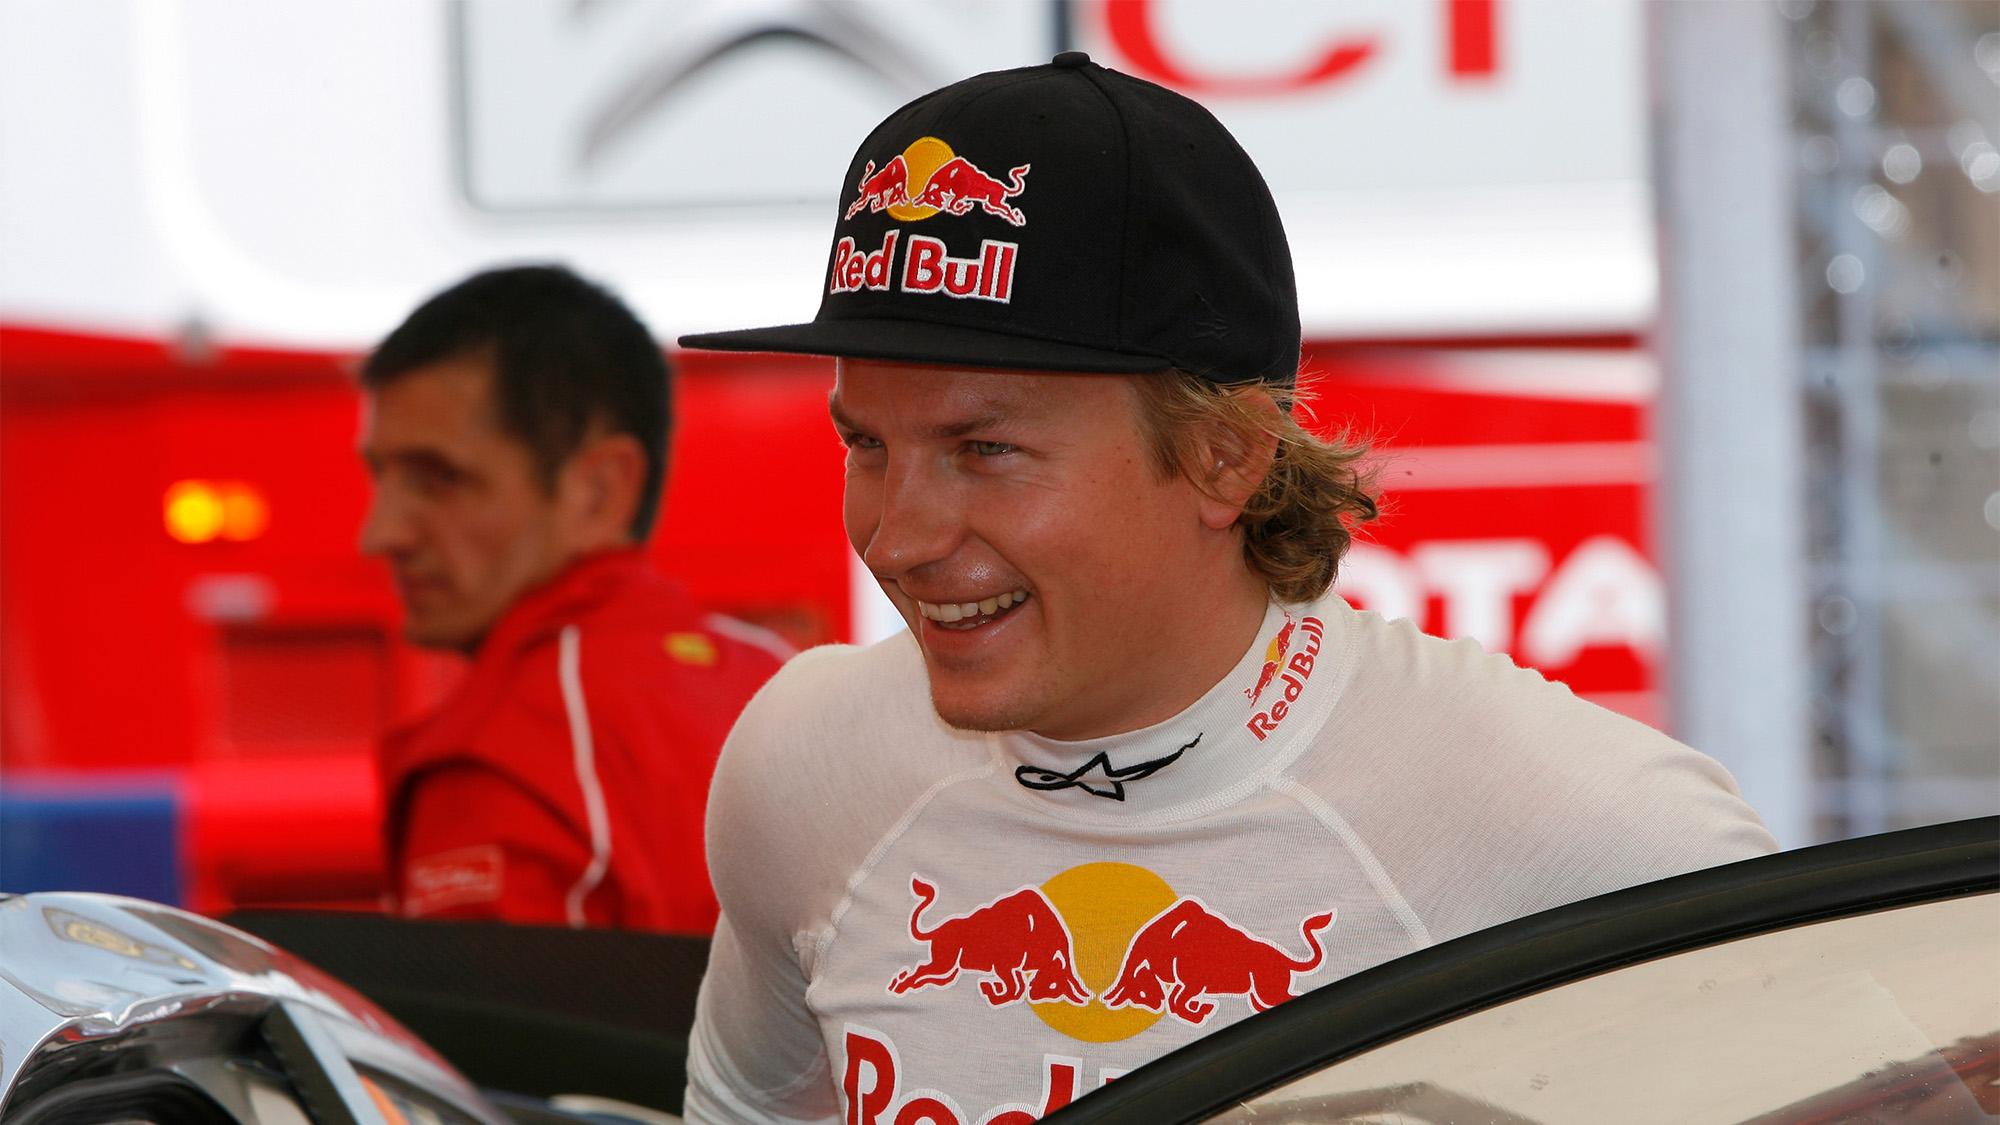 Kimi Raikkonen smiling during the 2010 WRC season